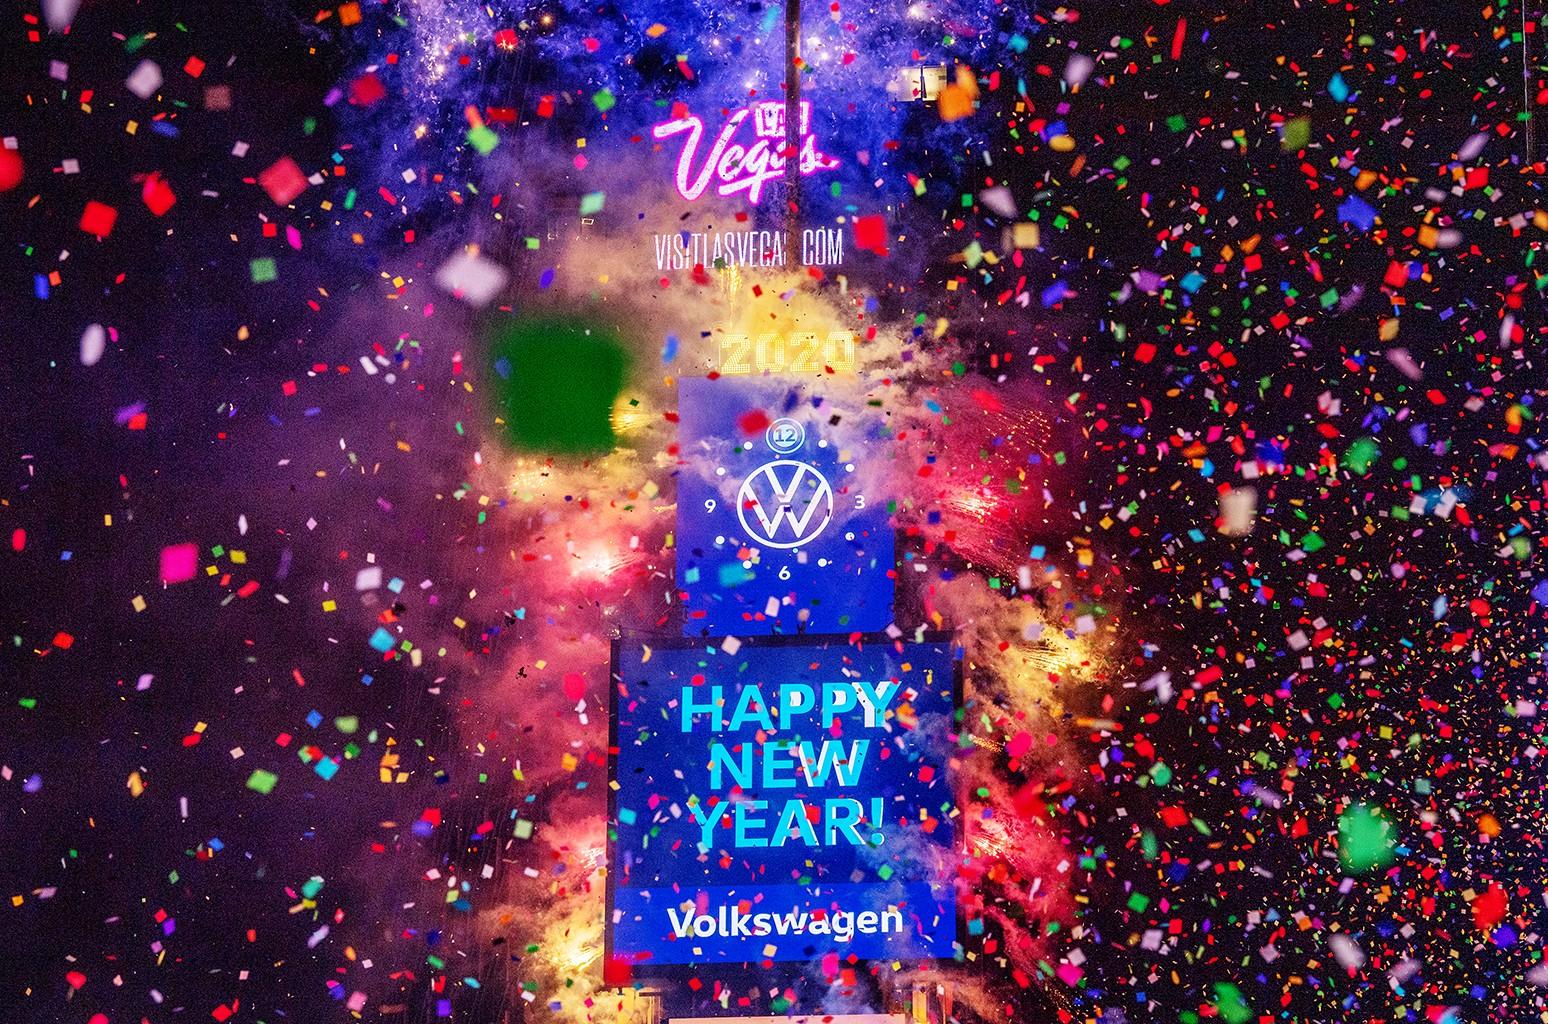 2020 New Year Celebration